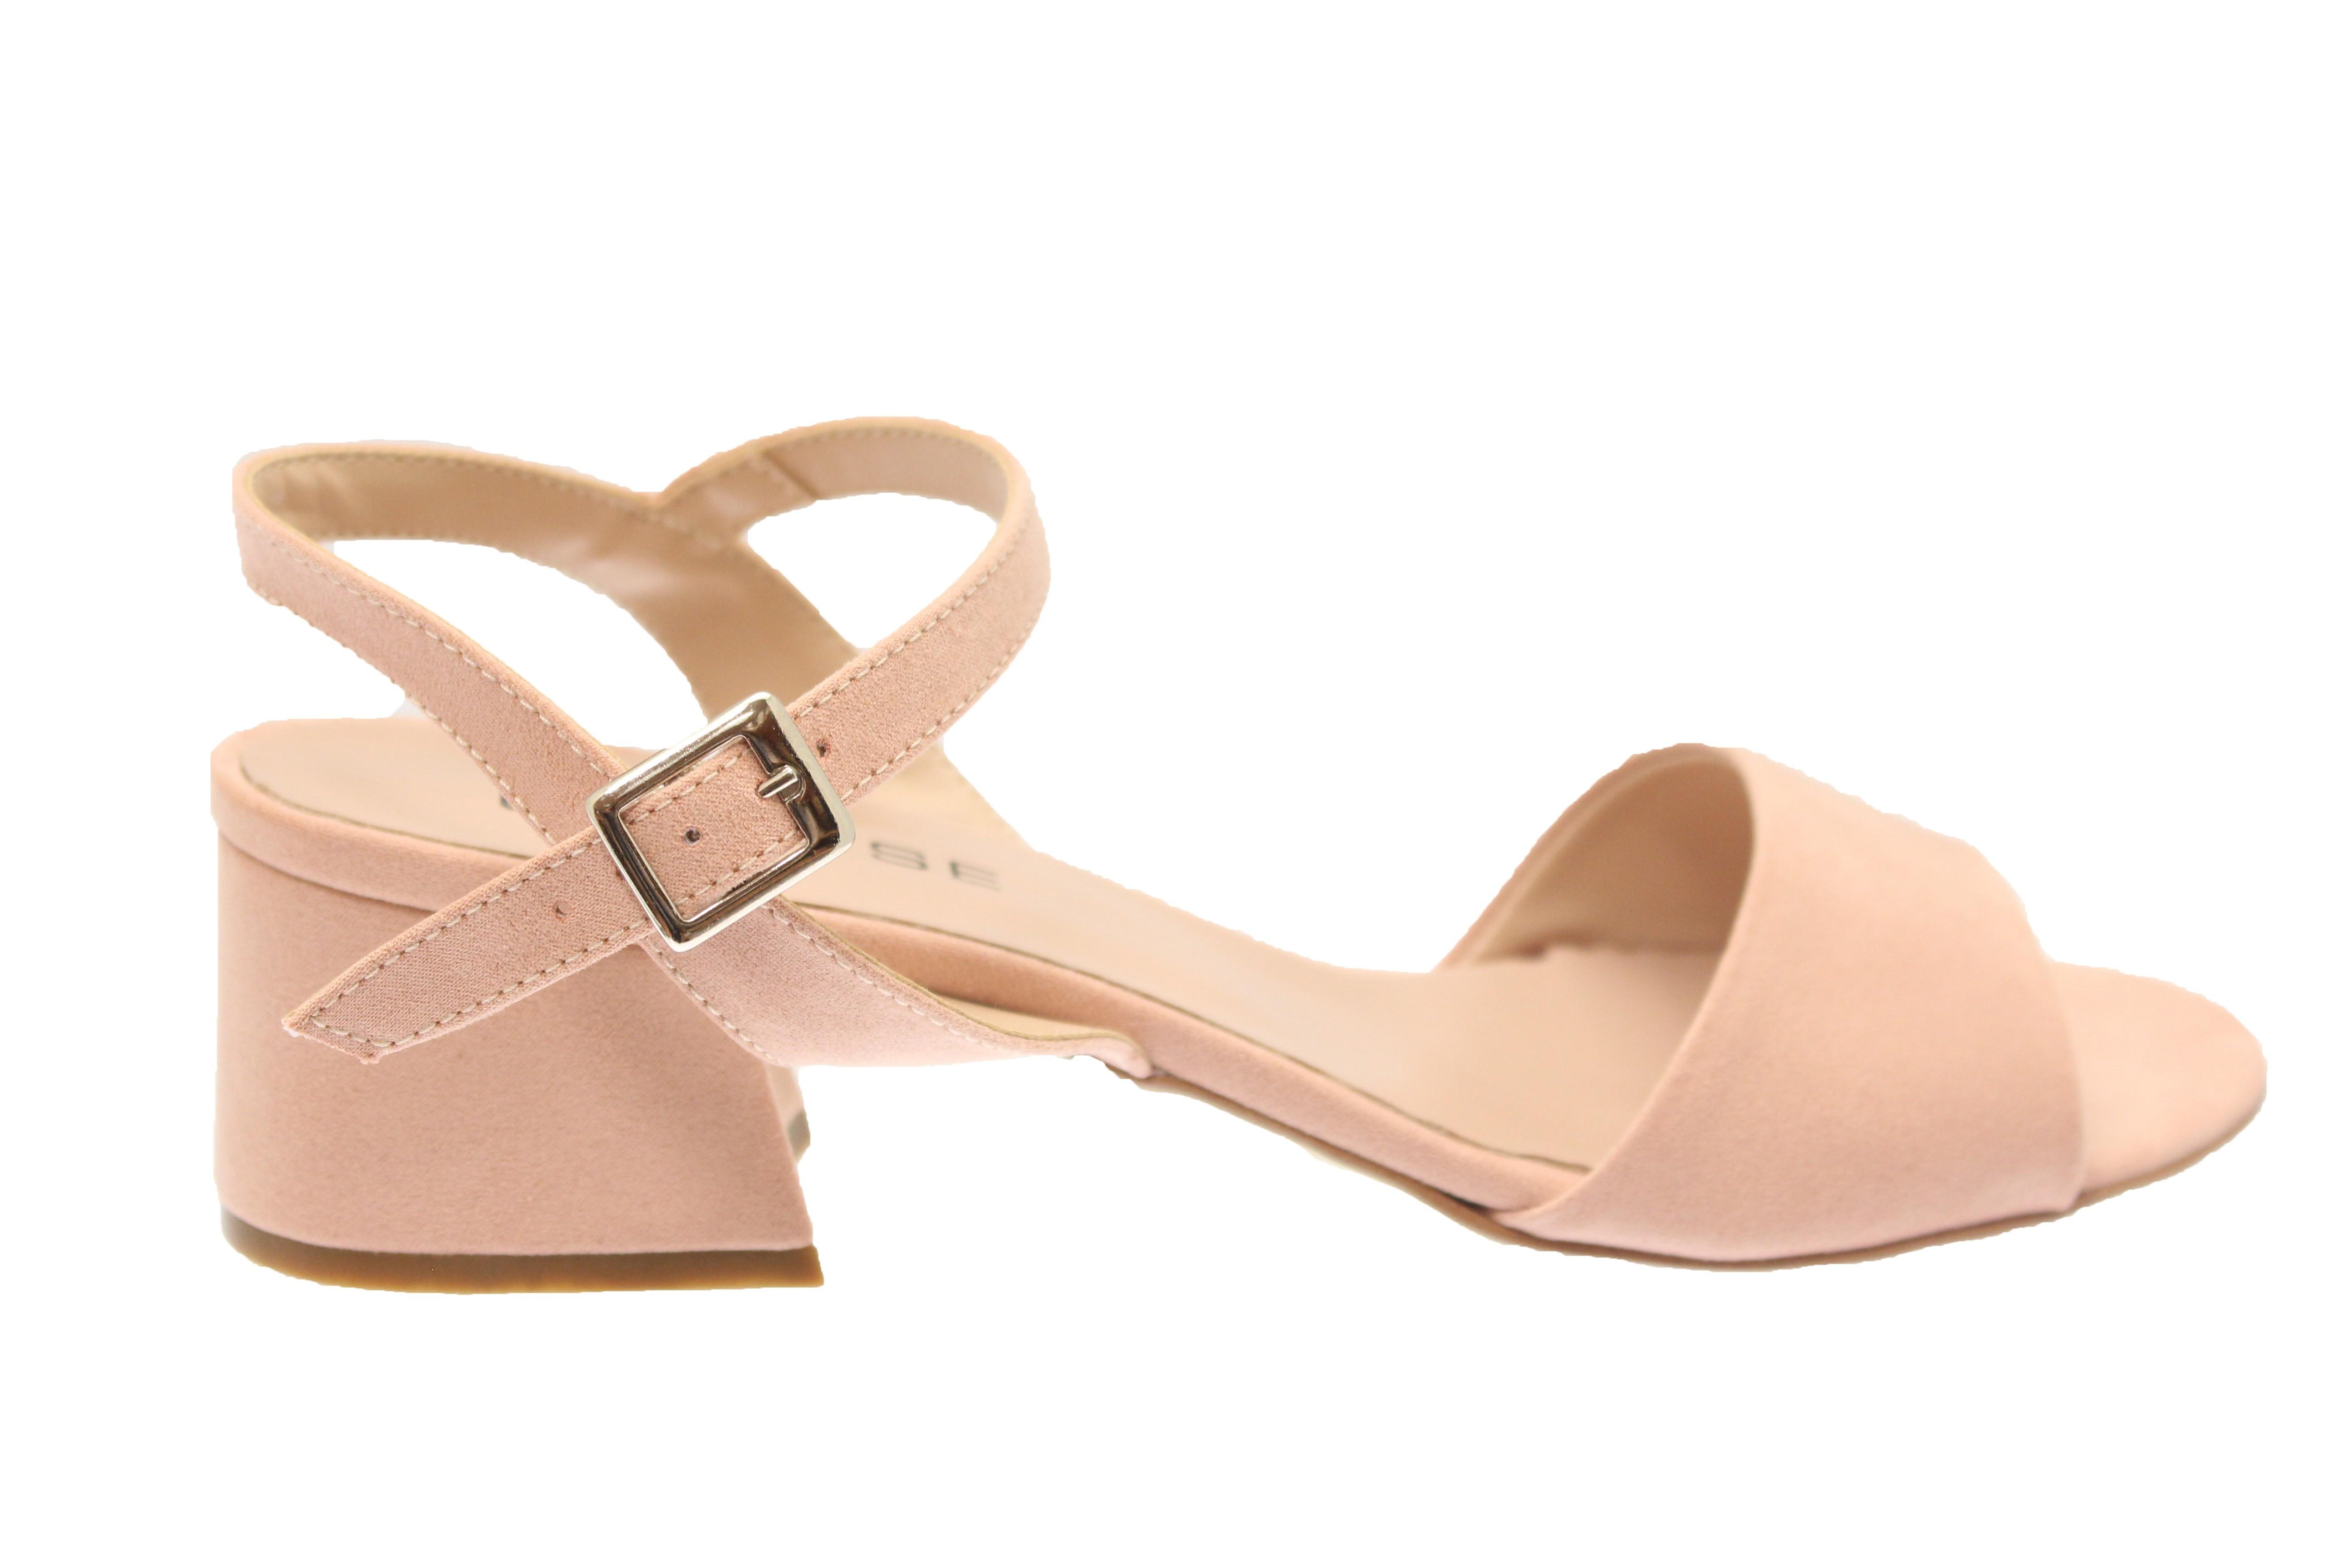 93df9f14aa7fa Nouvelle Ligne douceur petit talon rétro chic   carré en OSMOSE Shoes